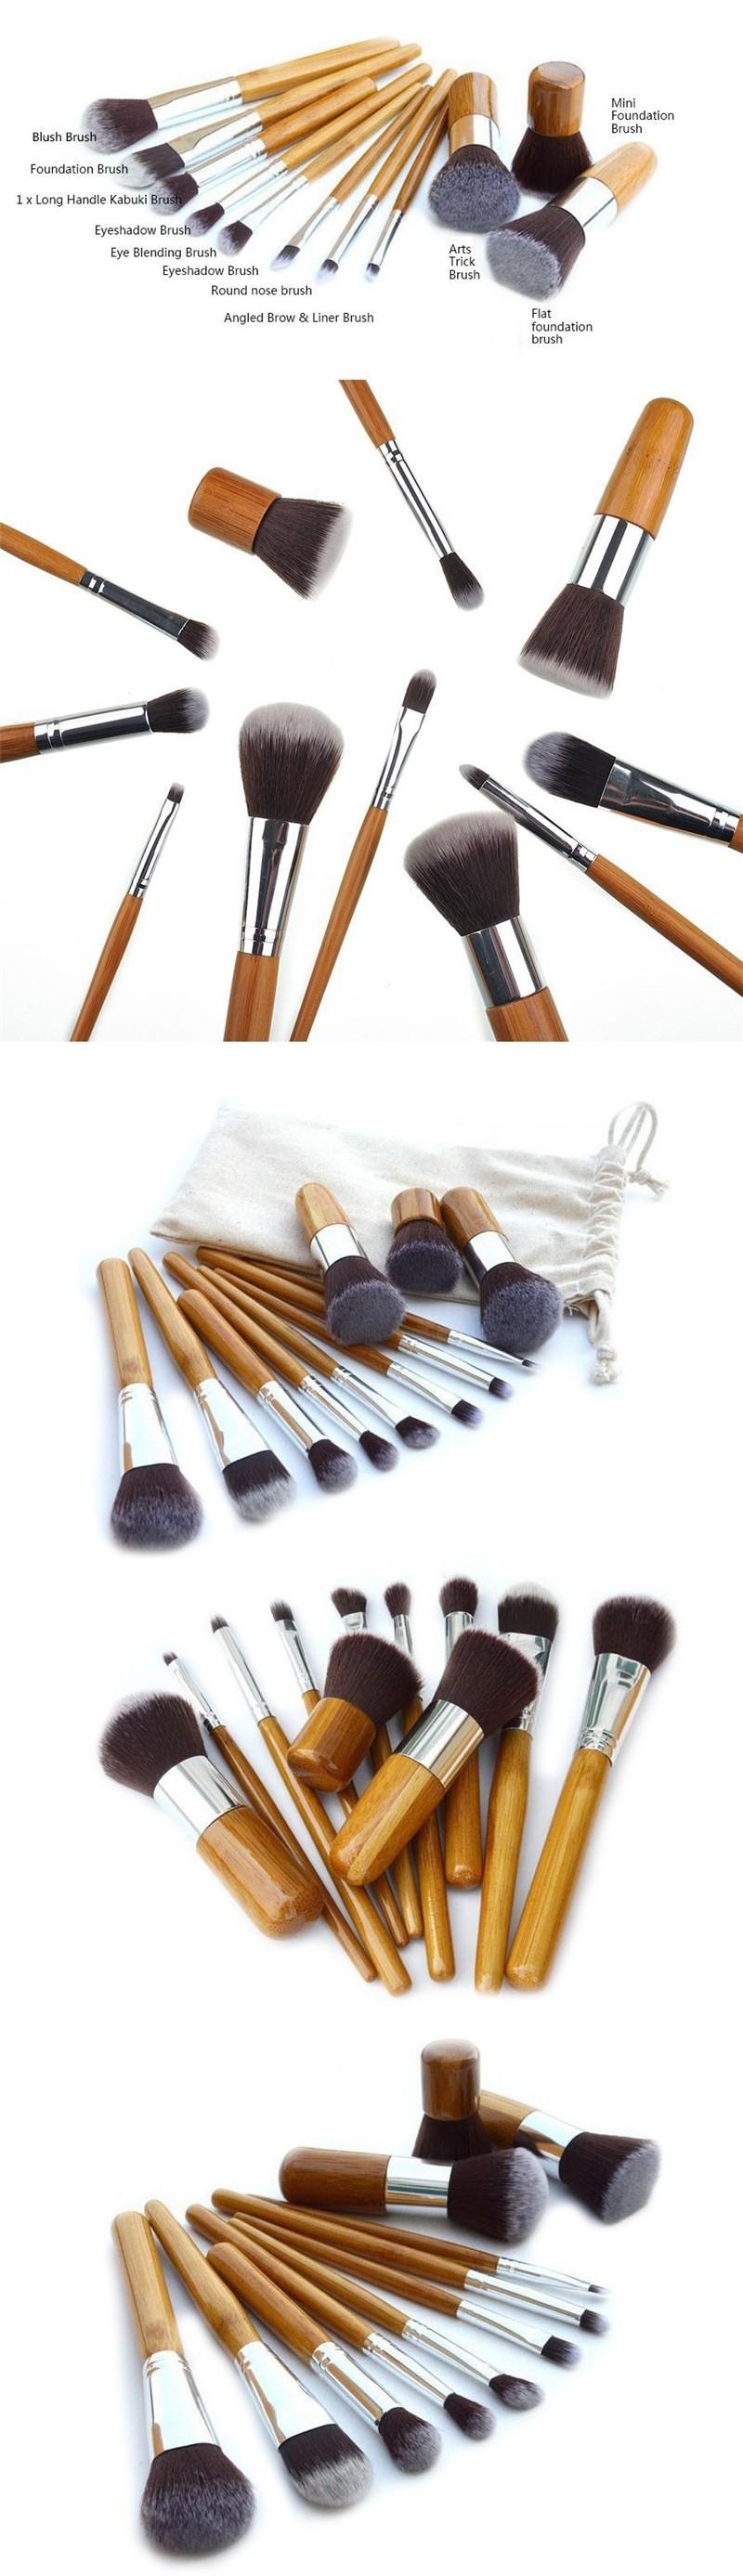 Кисти для макияжа синтетические и натуральные отличие